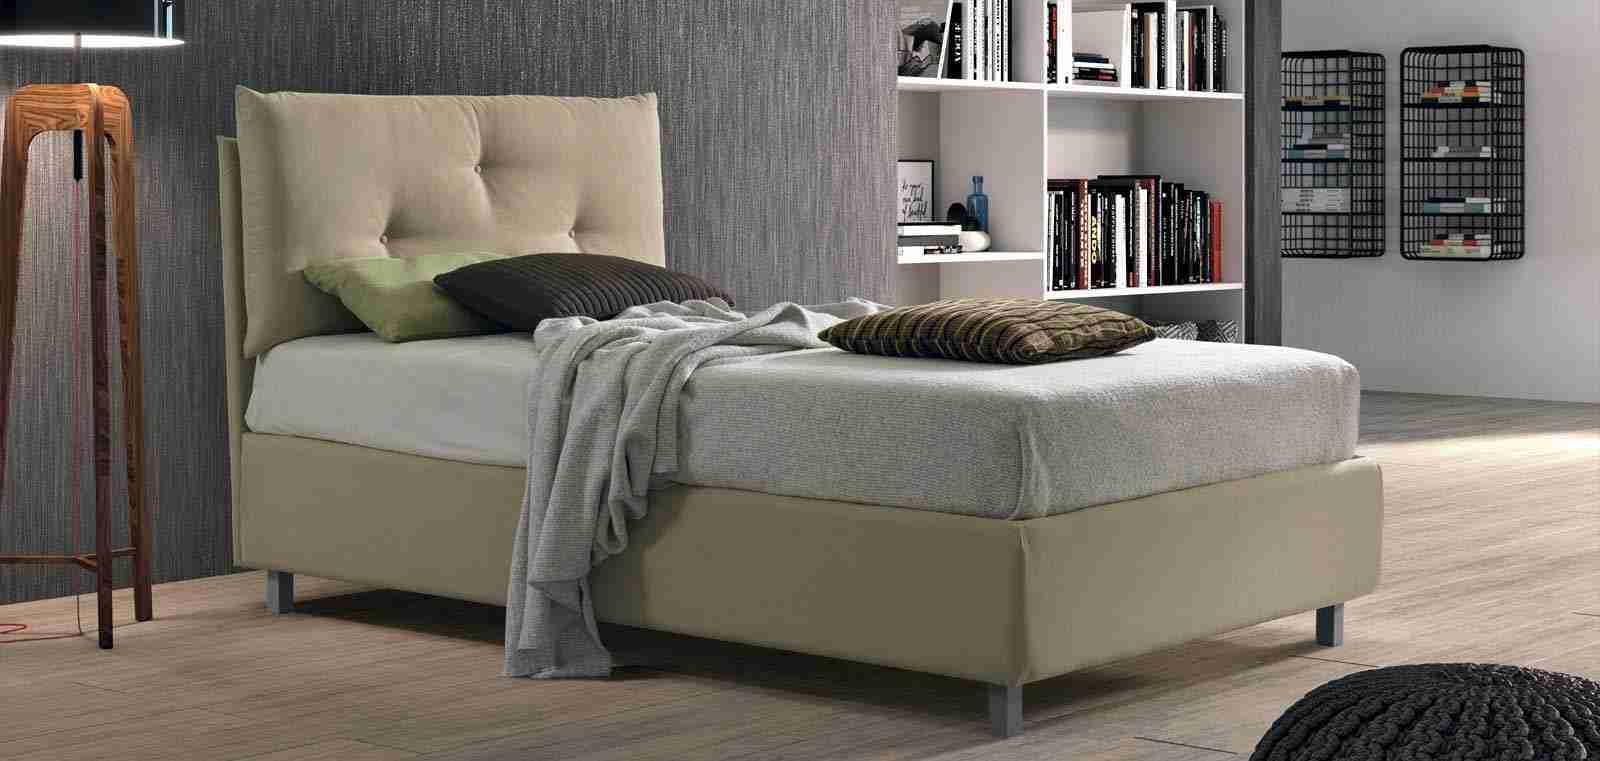 Offerta letto contenitore 90 cm singolo imbottito Fabiola STILFAR zen